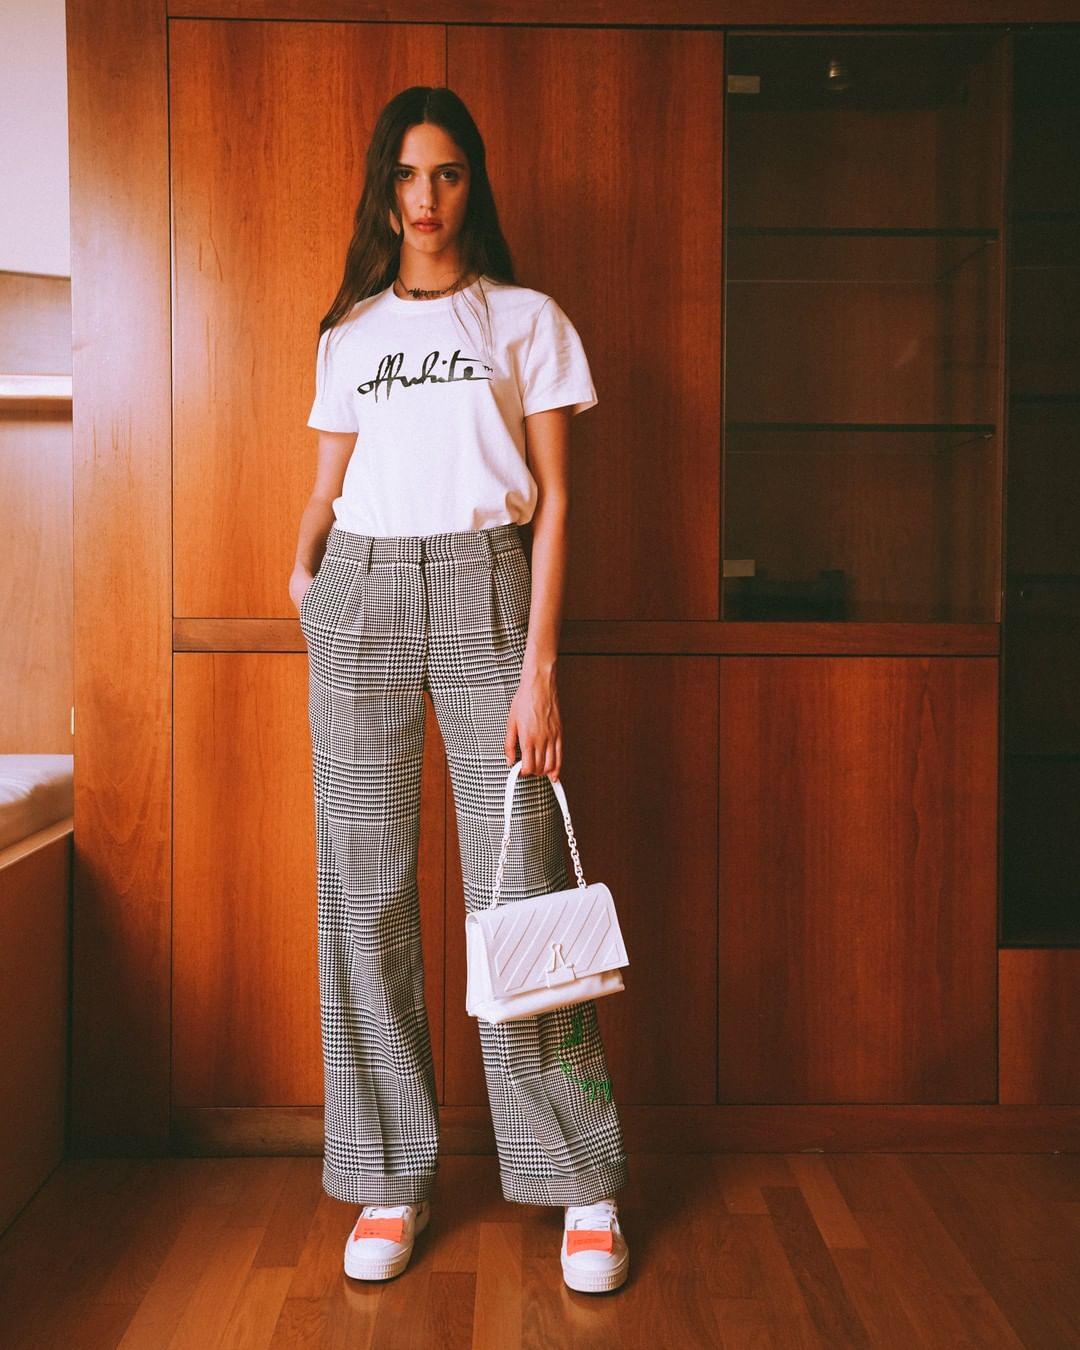 người mẫu mặc trang phục off white phong cách thời trang streetwear